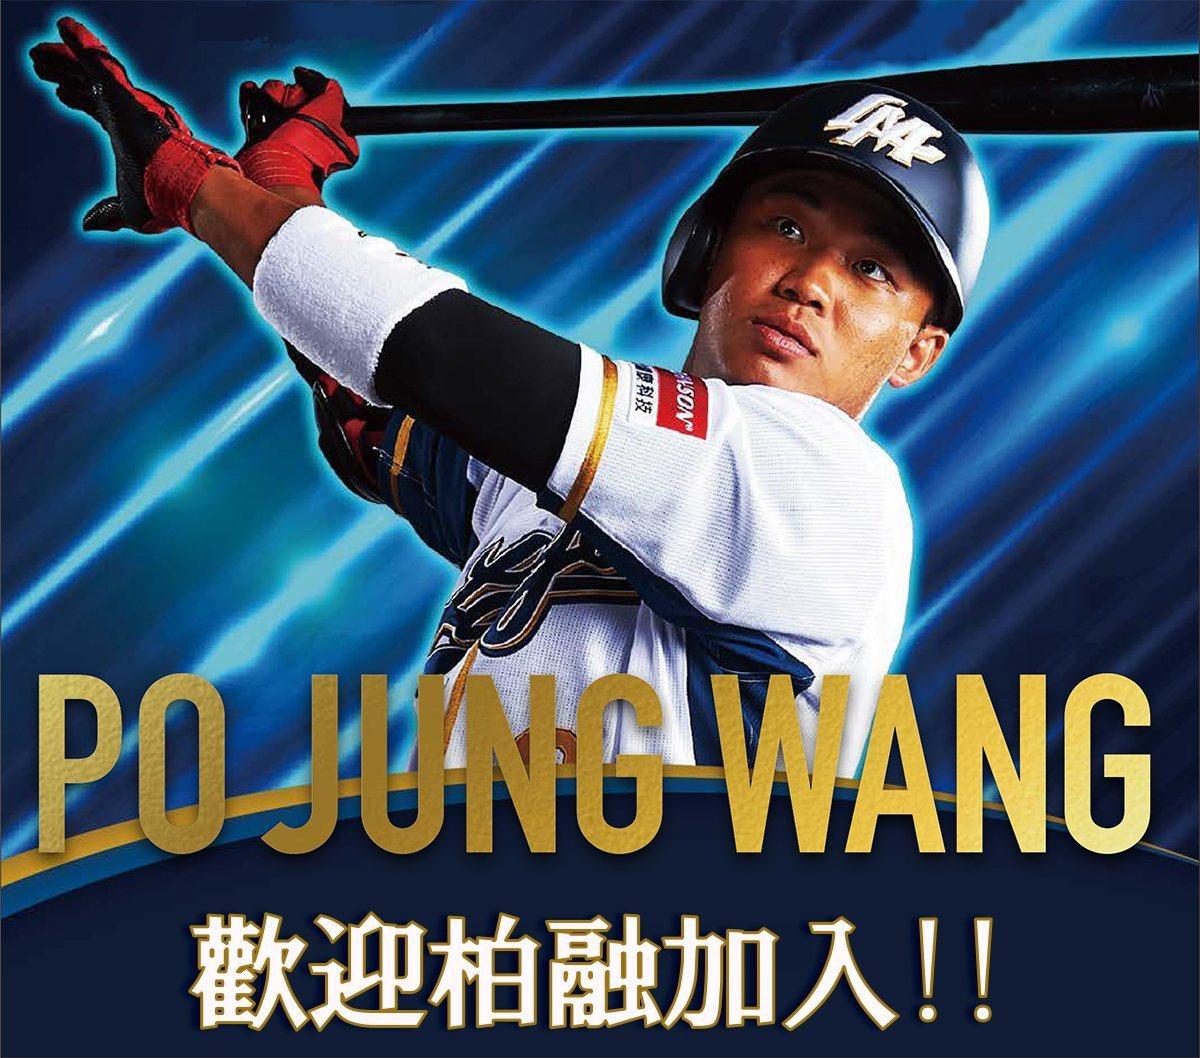 火腿隊在官網等公告周知,並放上一張大王的照片,上面用中文寫「歡迎柏融加入」。 截...